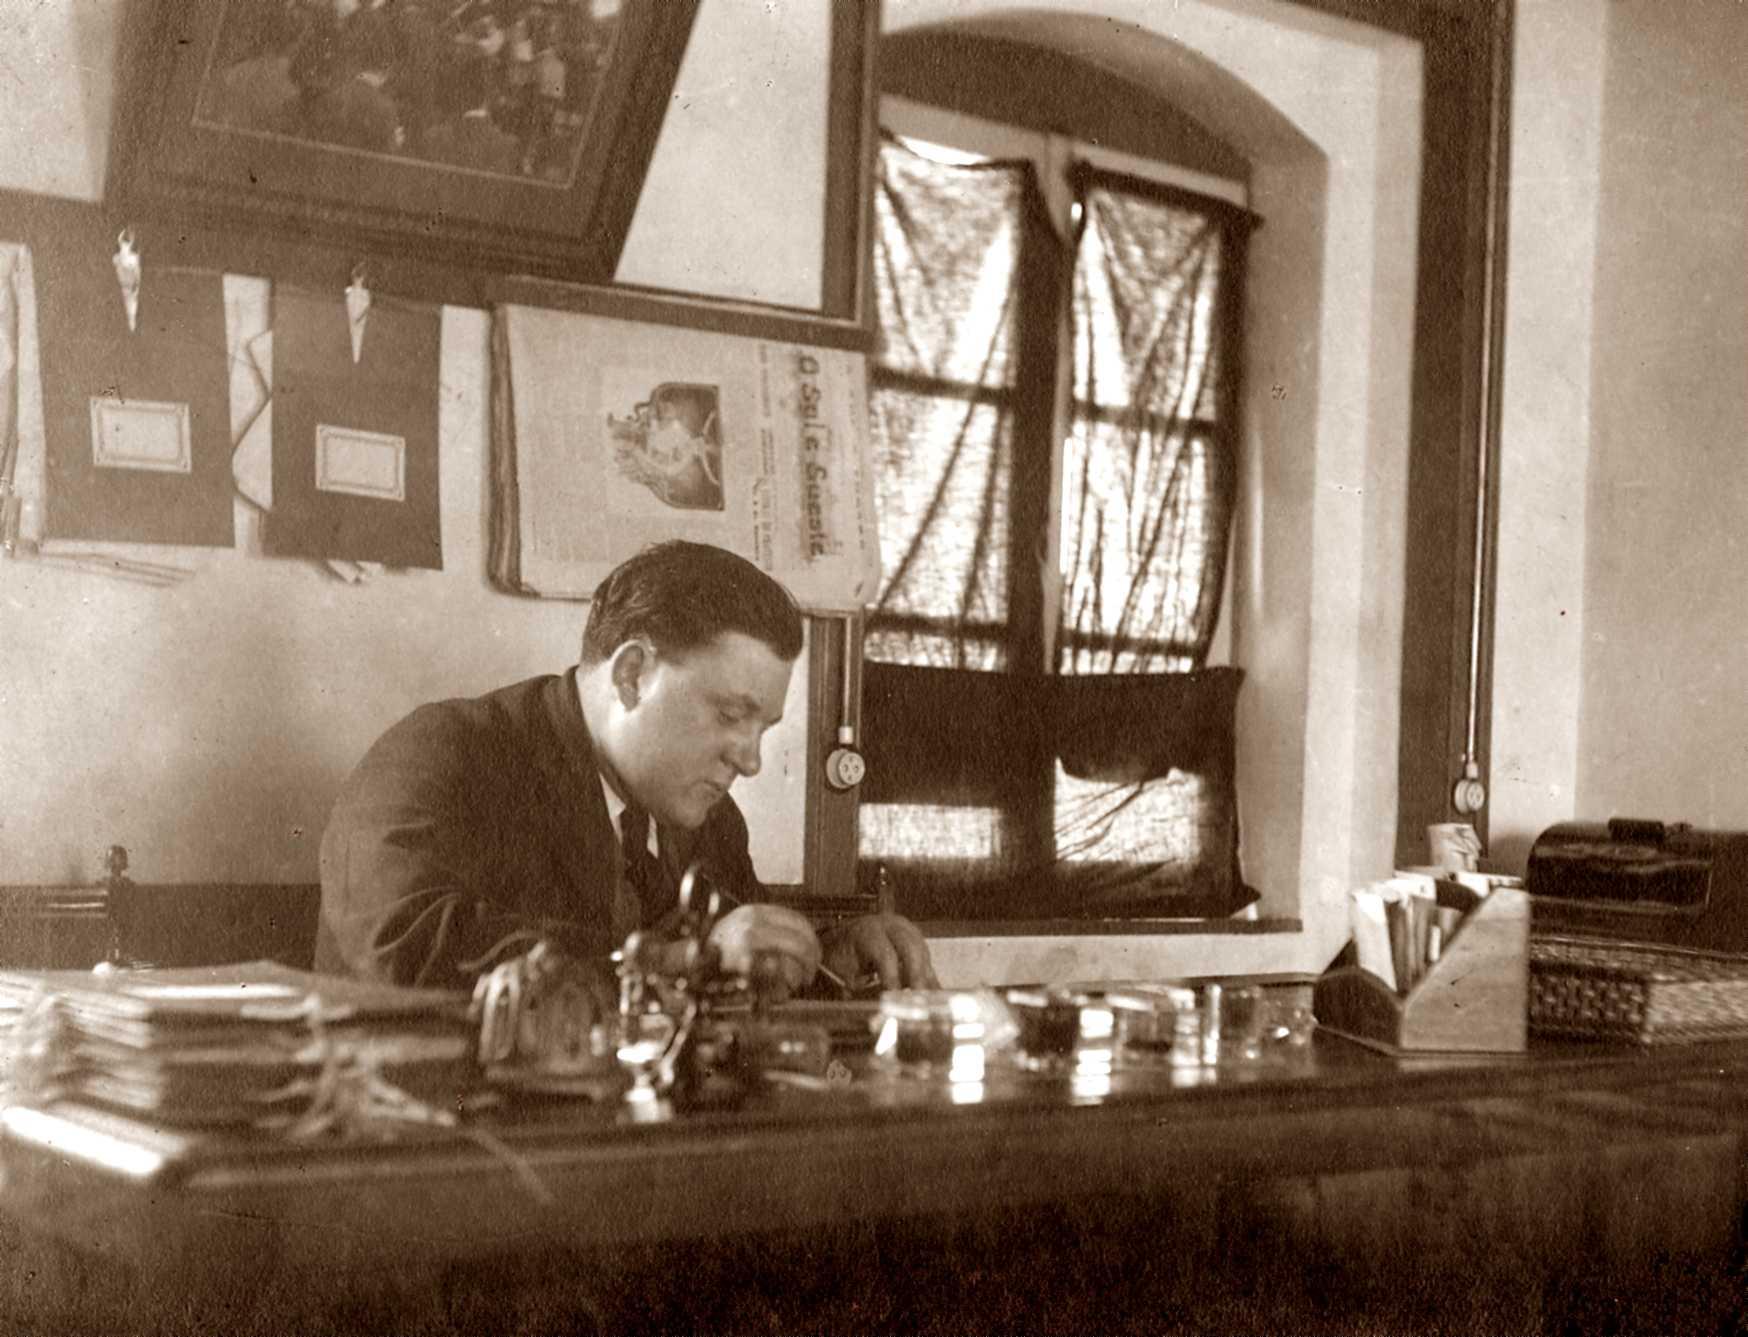 Miguel Correia al seu despatx. Foto de Salon da Graça de Lisboa (ca. 1925)